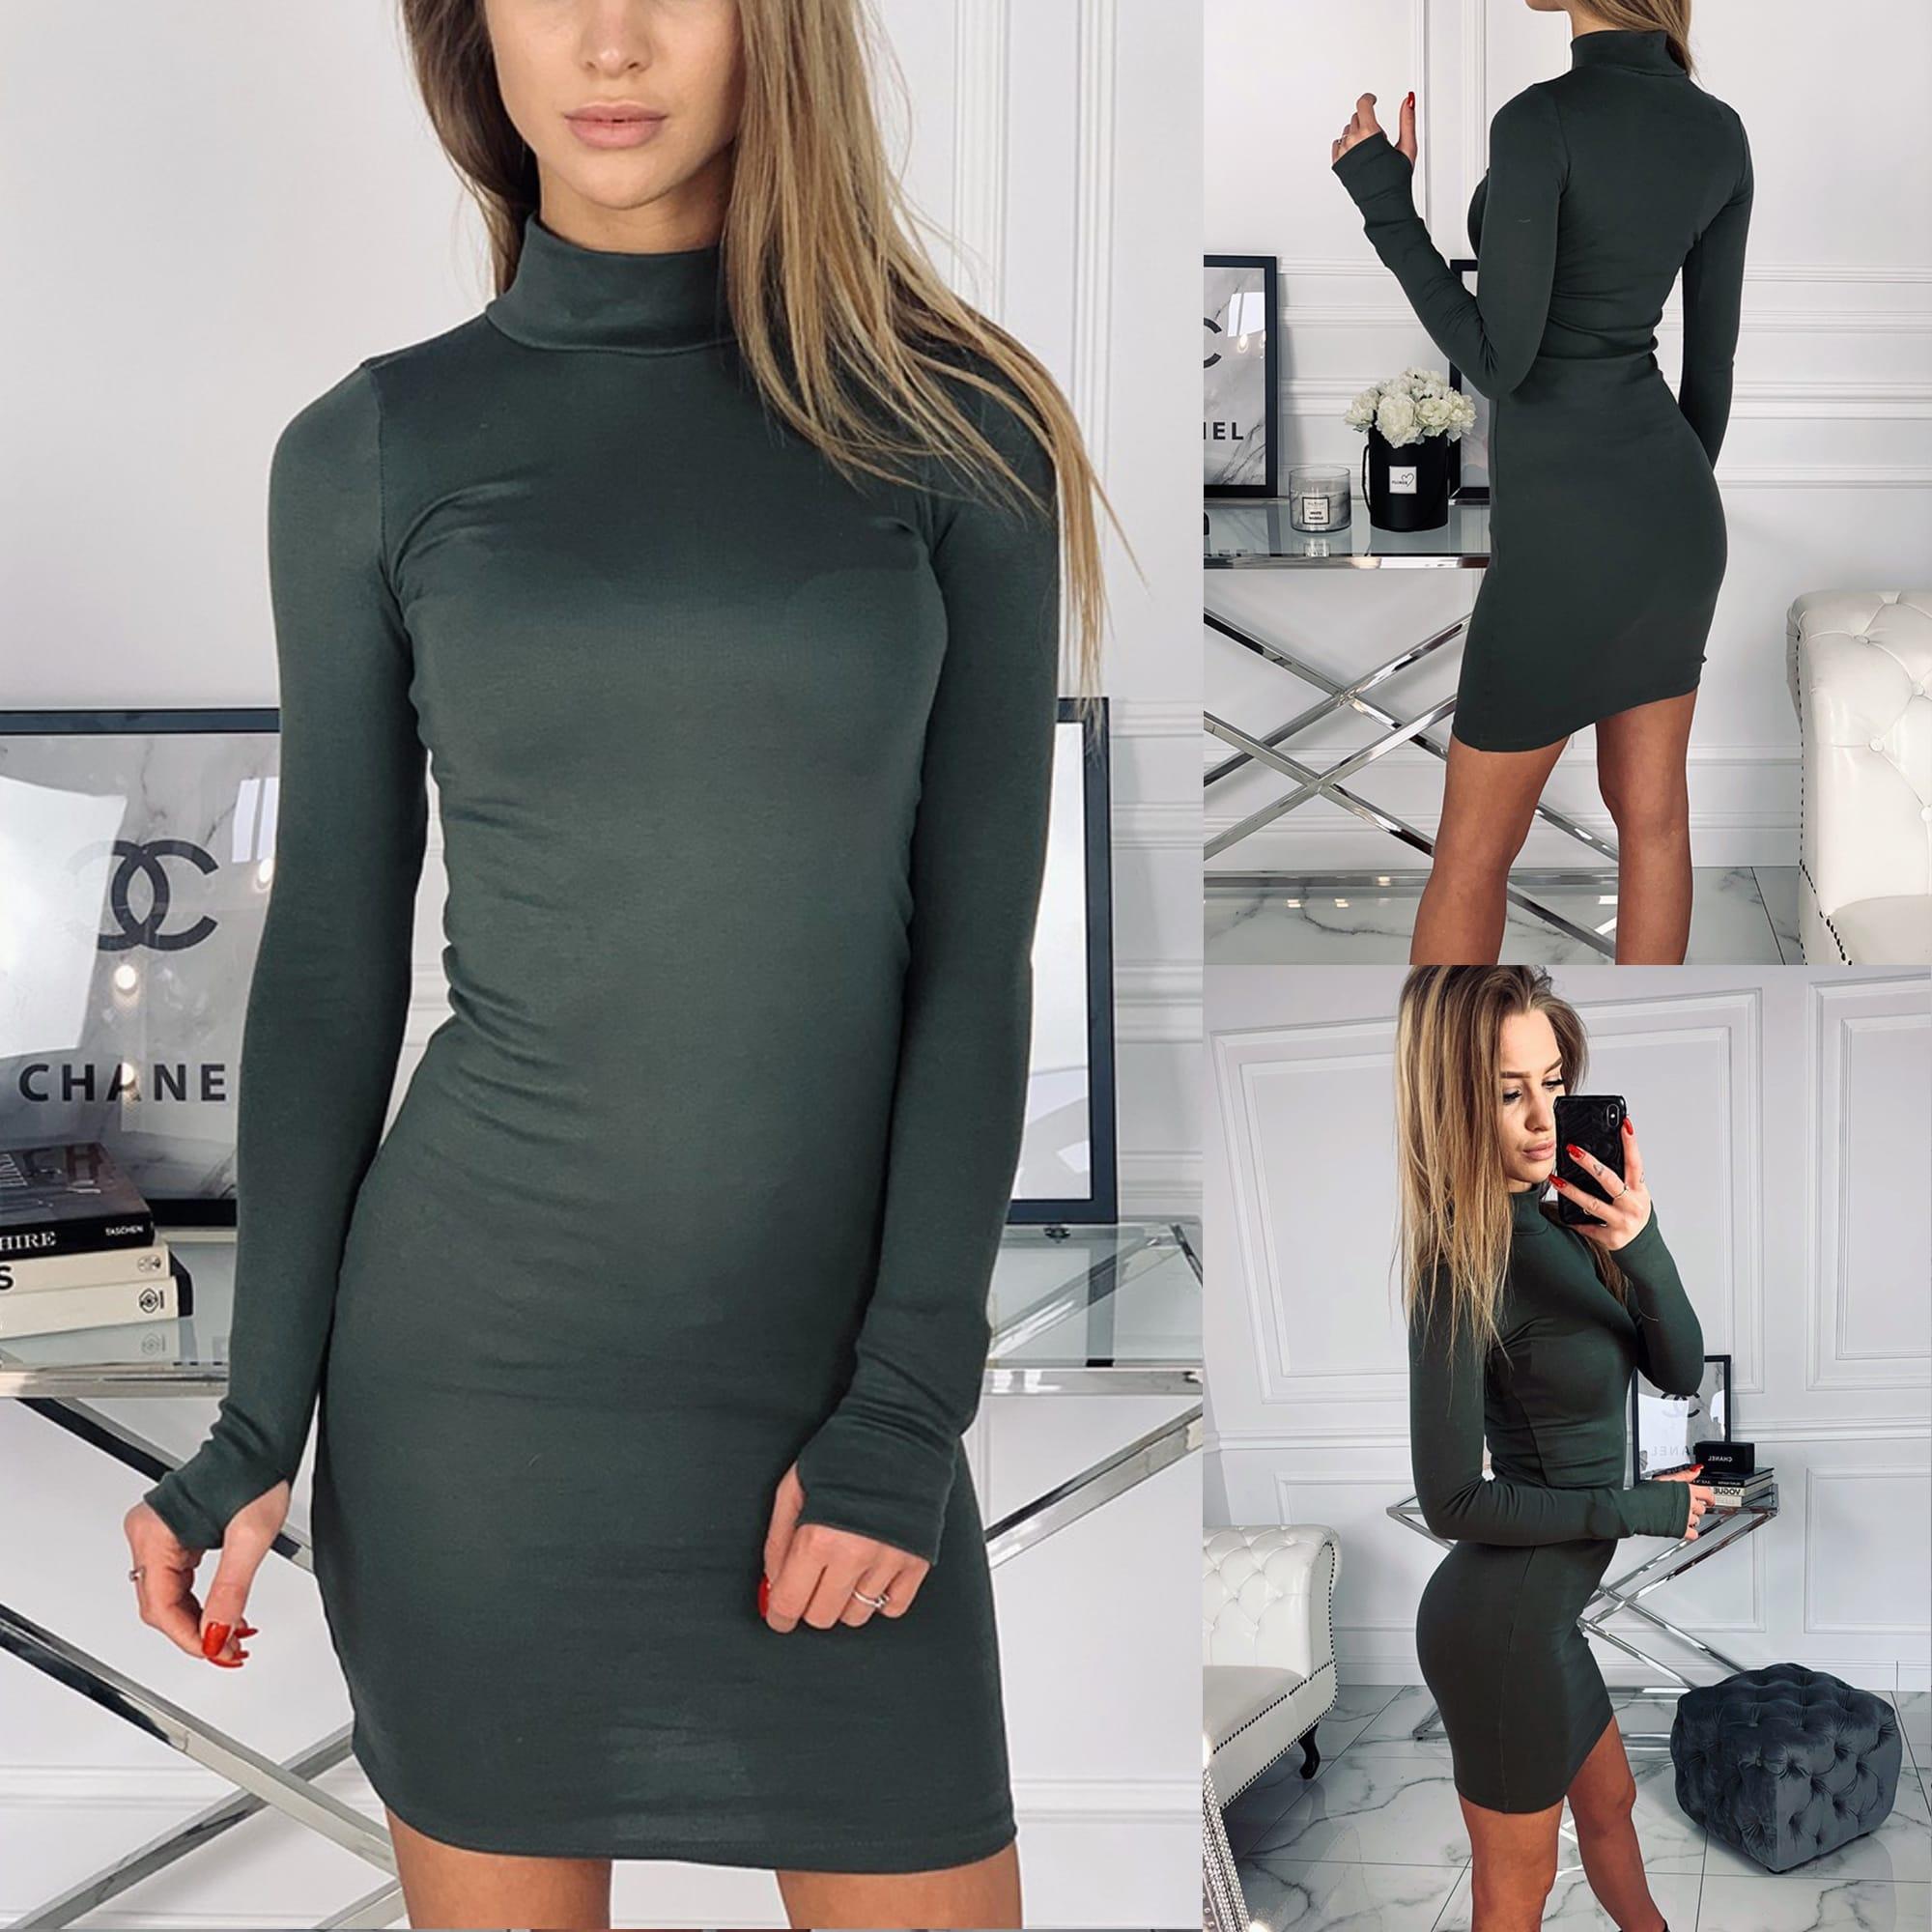 801ac7dd7e59 Dámska móda a doplnky - Dámske elastické šaty Golf - khaki ...